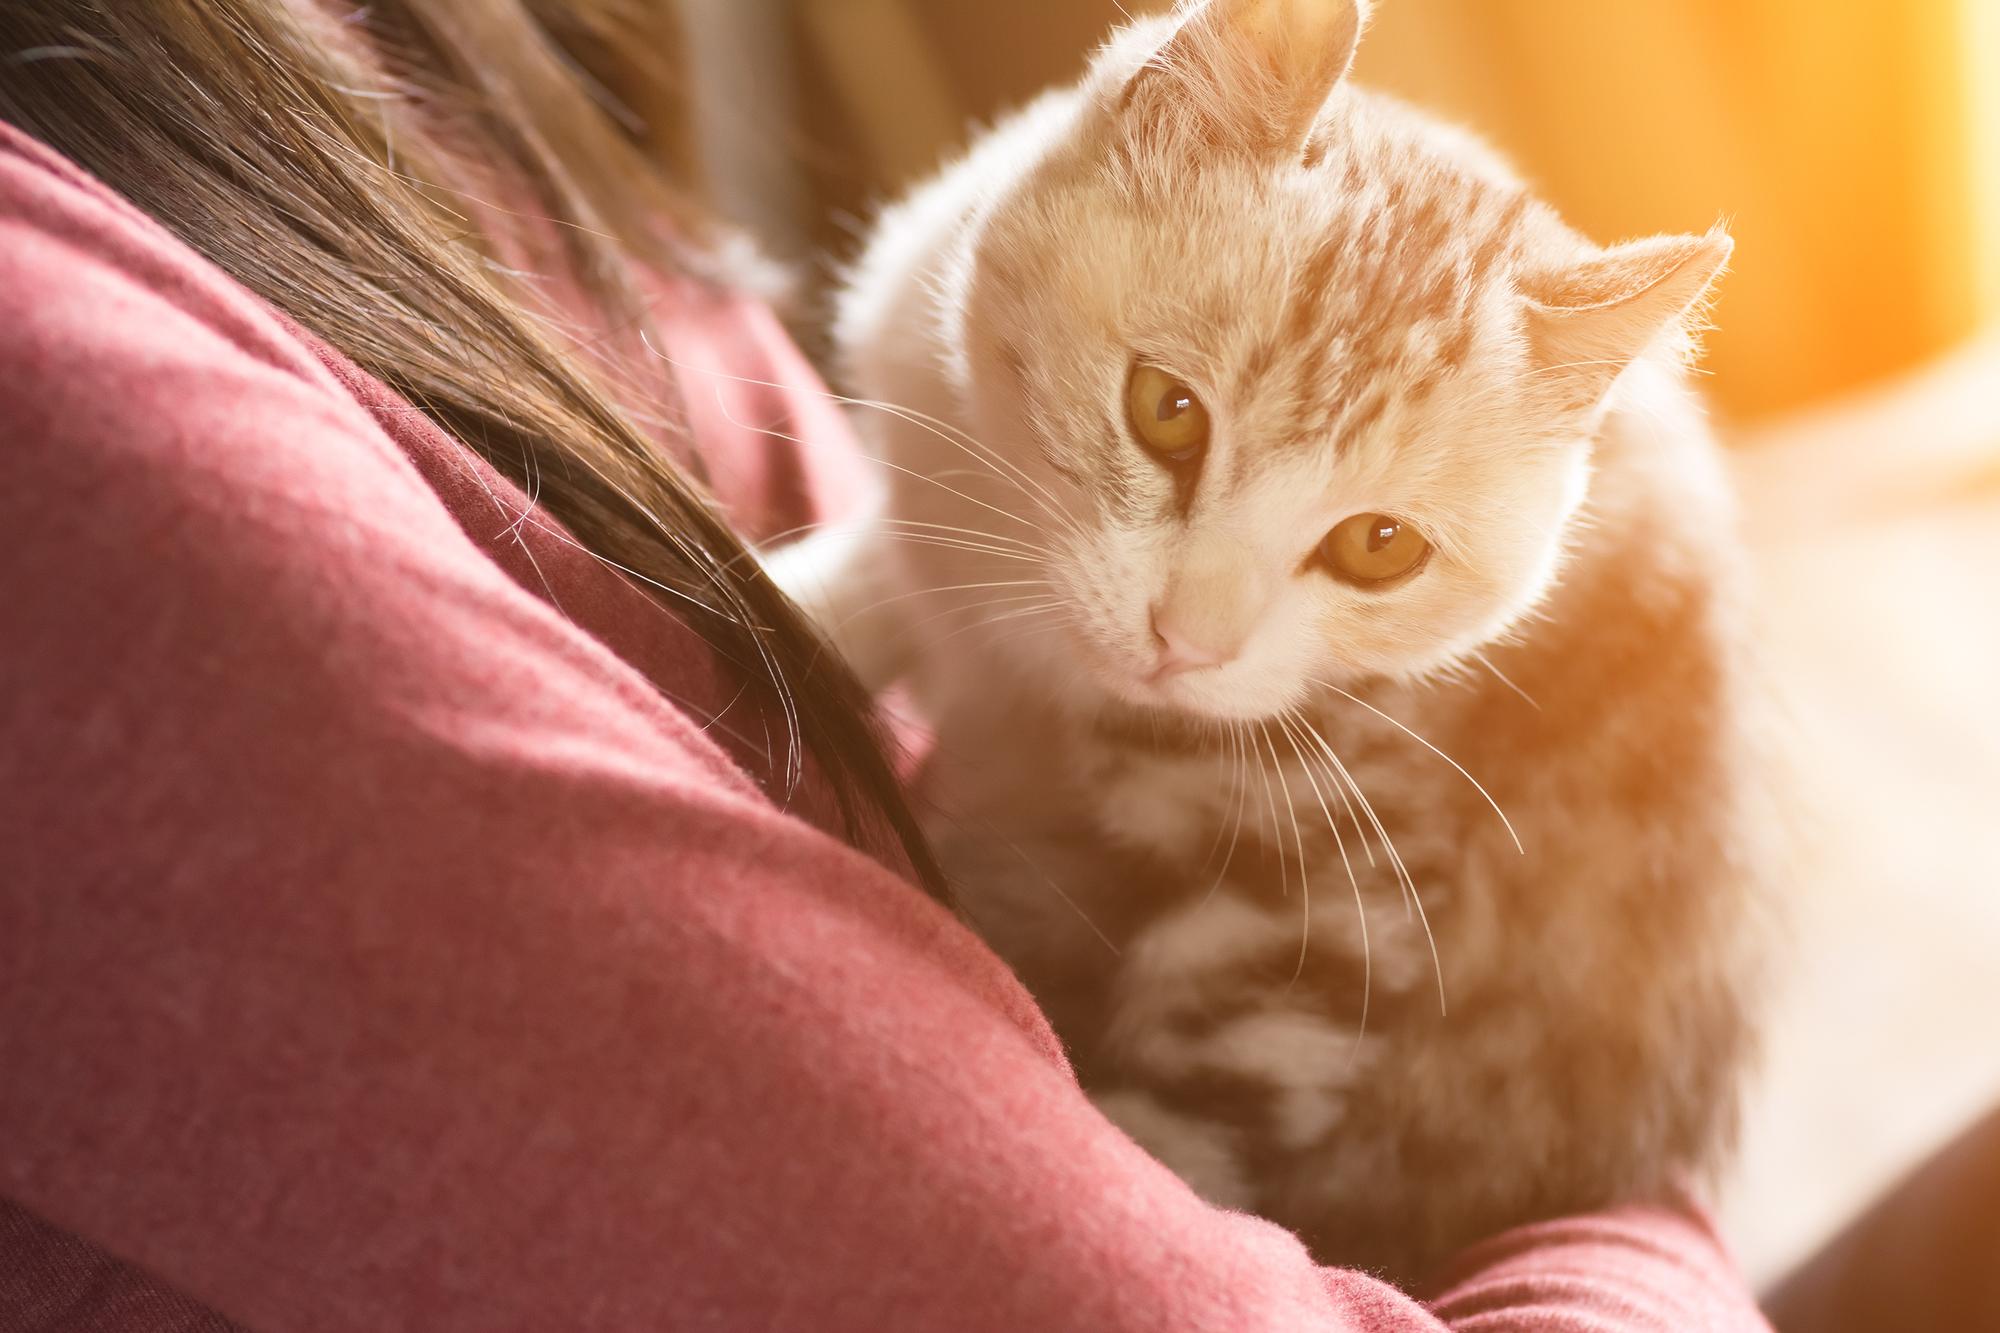 動物介護士